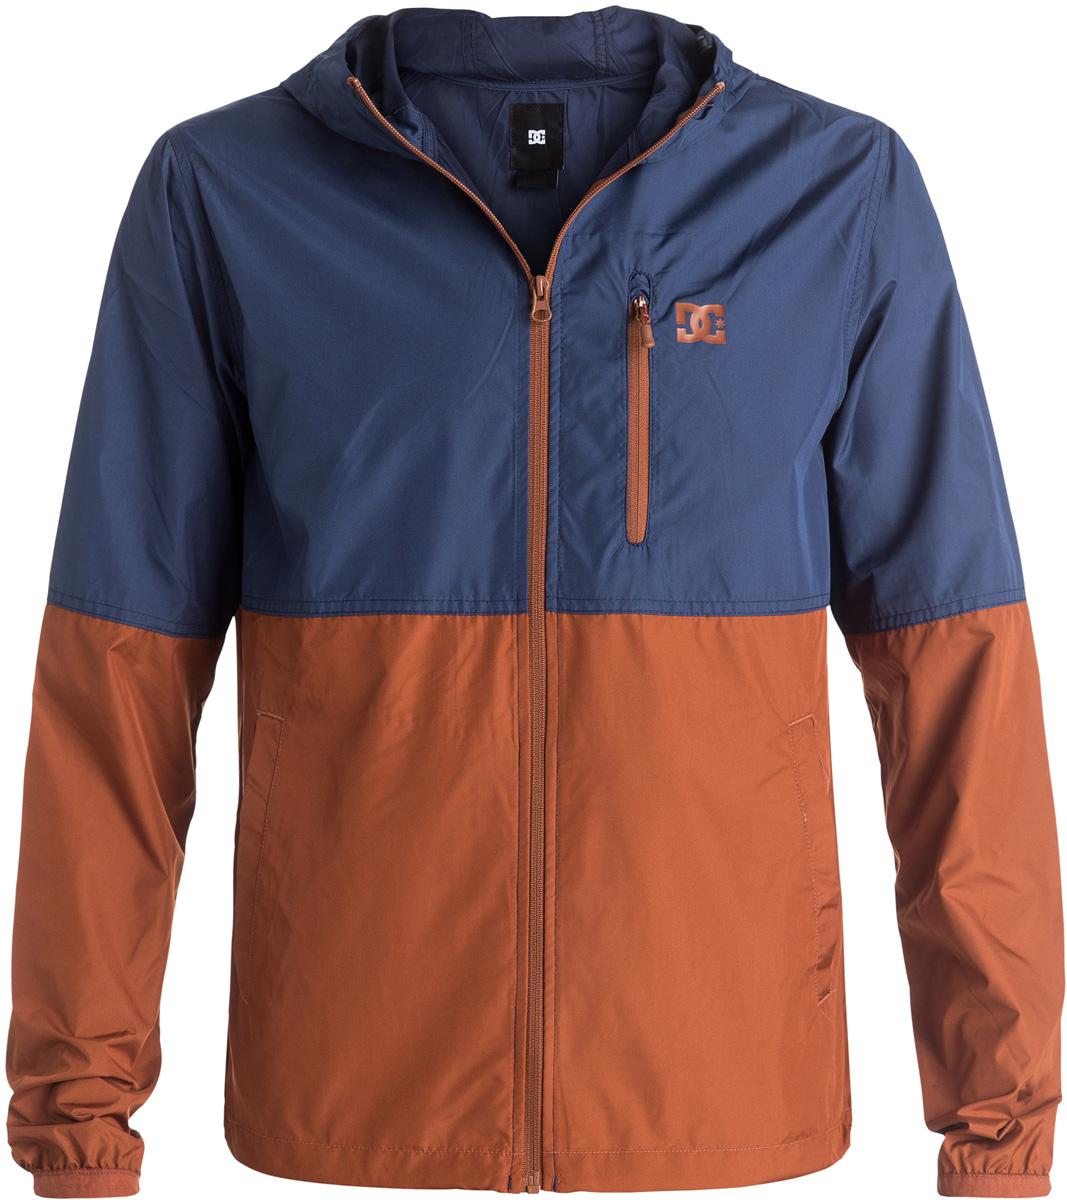 КурткаEDYJK03061-CQE0Двухцветная мужская куртка DC Shoes изготовлена из мягкой тафты (100% полиэстера). Модель не имеет подкладки, застегивается на молнию. Куртка снабжена капюшоном и длинными стандартными рукавами с манжетами на резинке. Спереди расположен вертикальный вшитый карман на молнии.